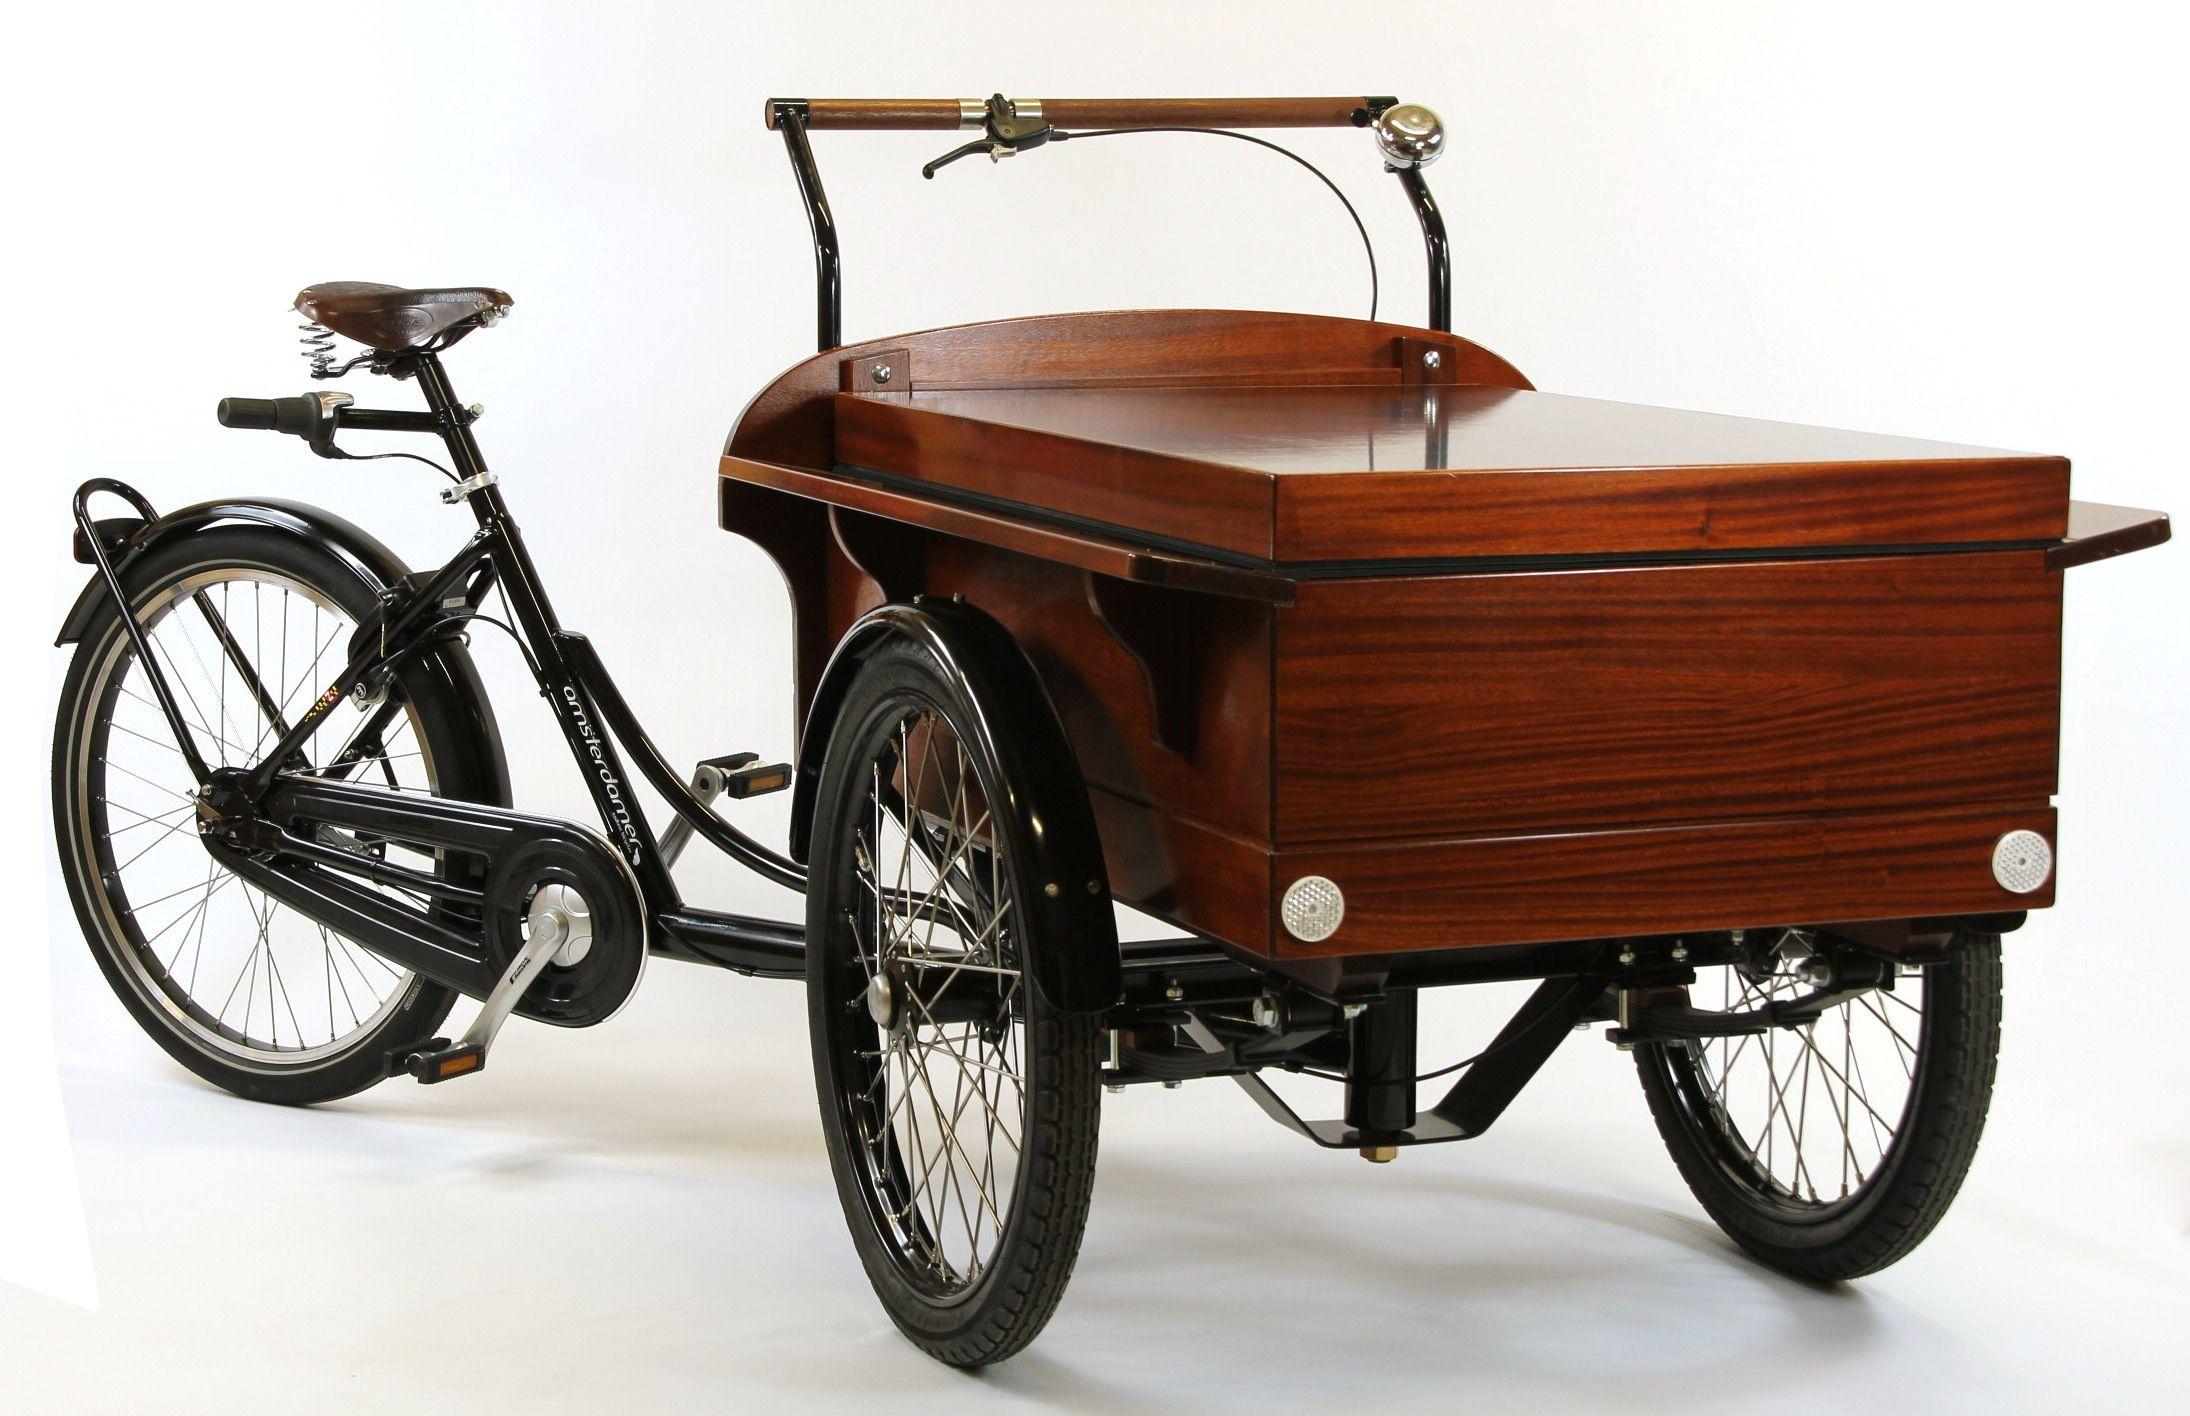 triporteur vente ambulante hollandais assistance. Black Bedroom Furniture Sets. Home Design Ideas